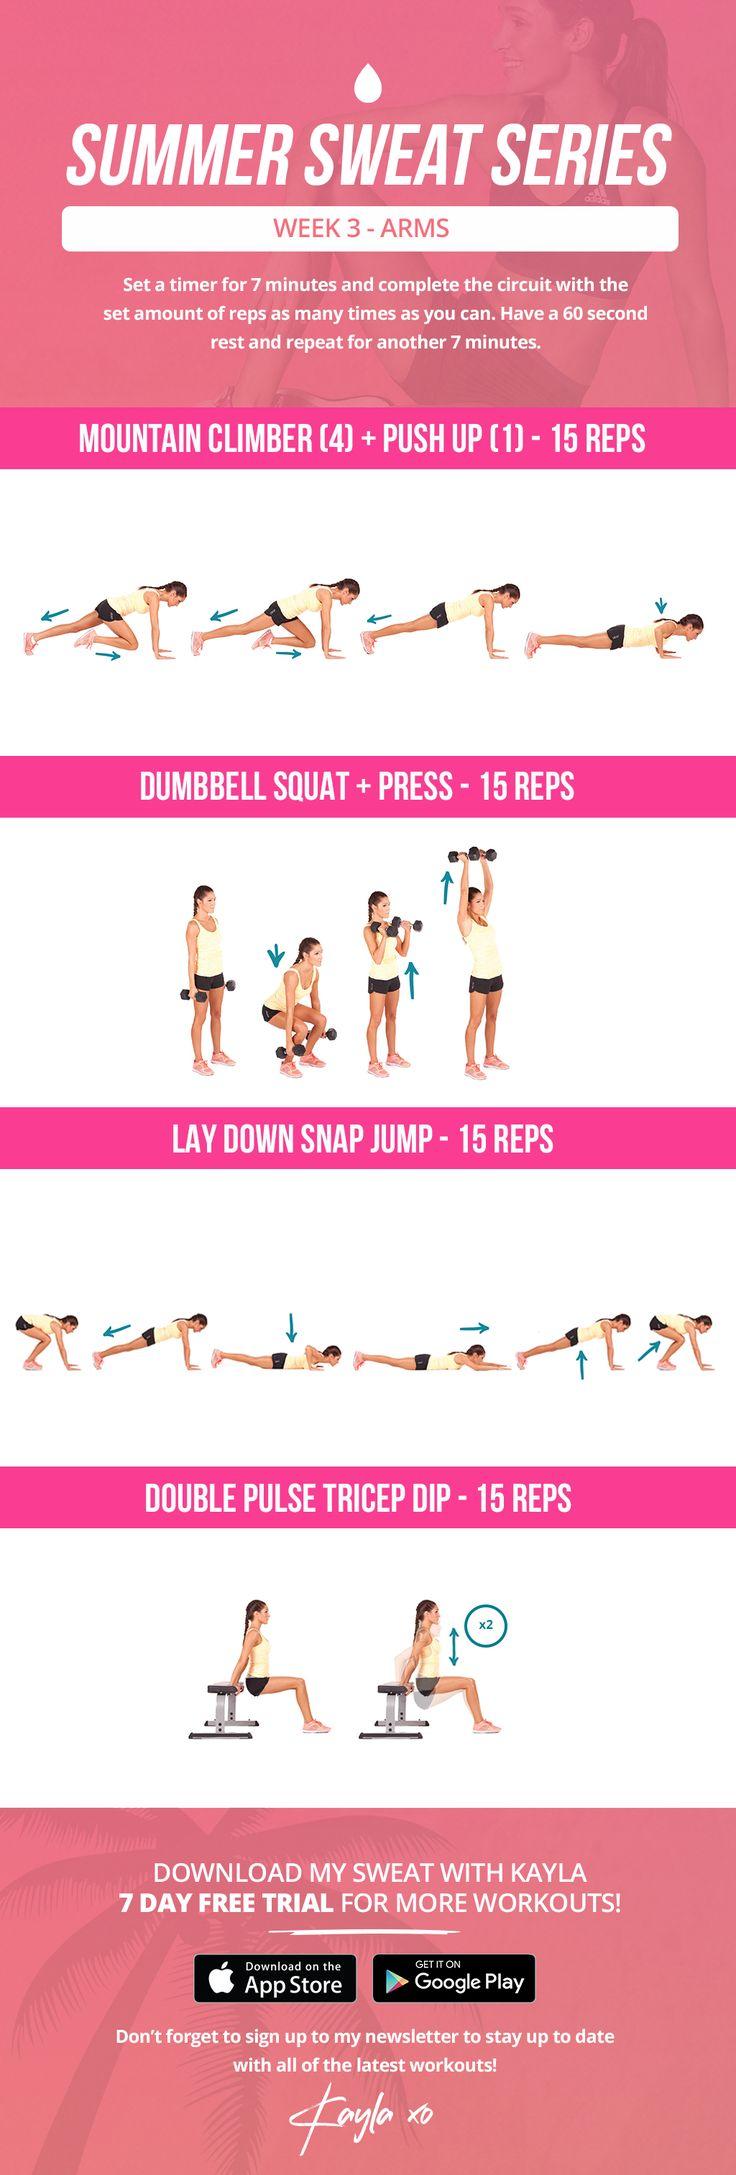 summer sweat series week 3 arms